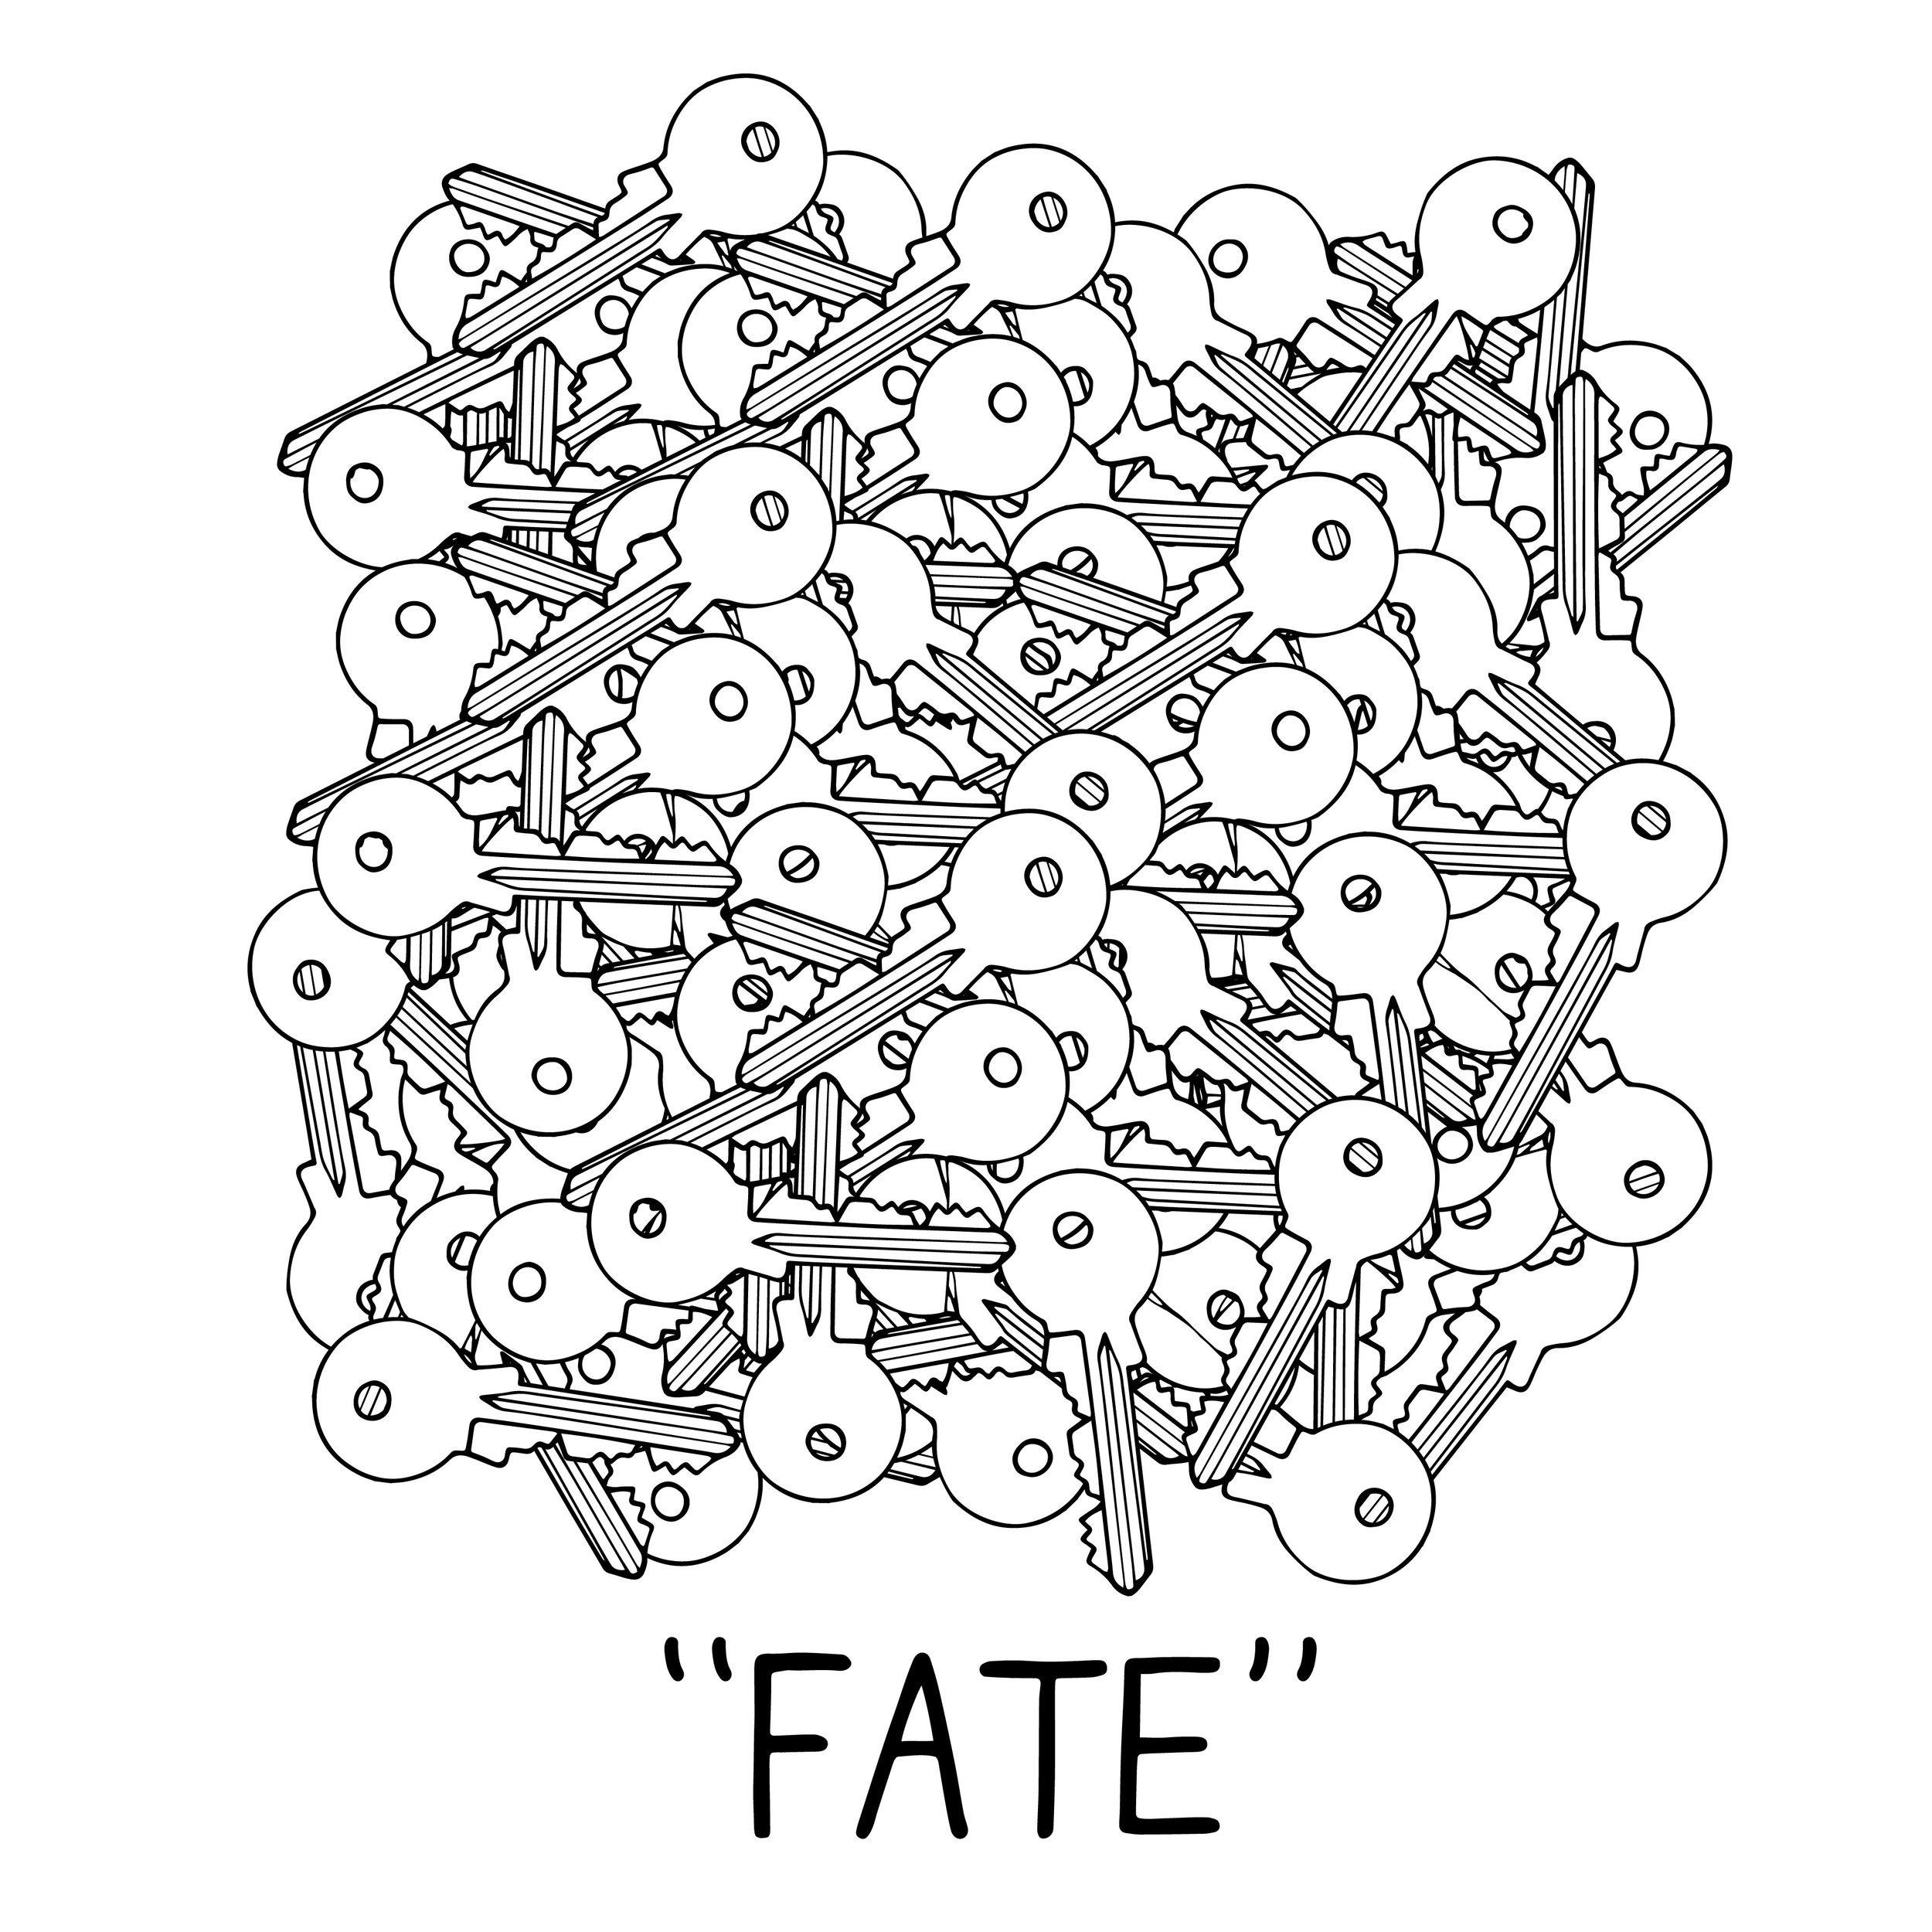 FATE-01.jpg